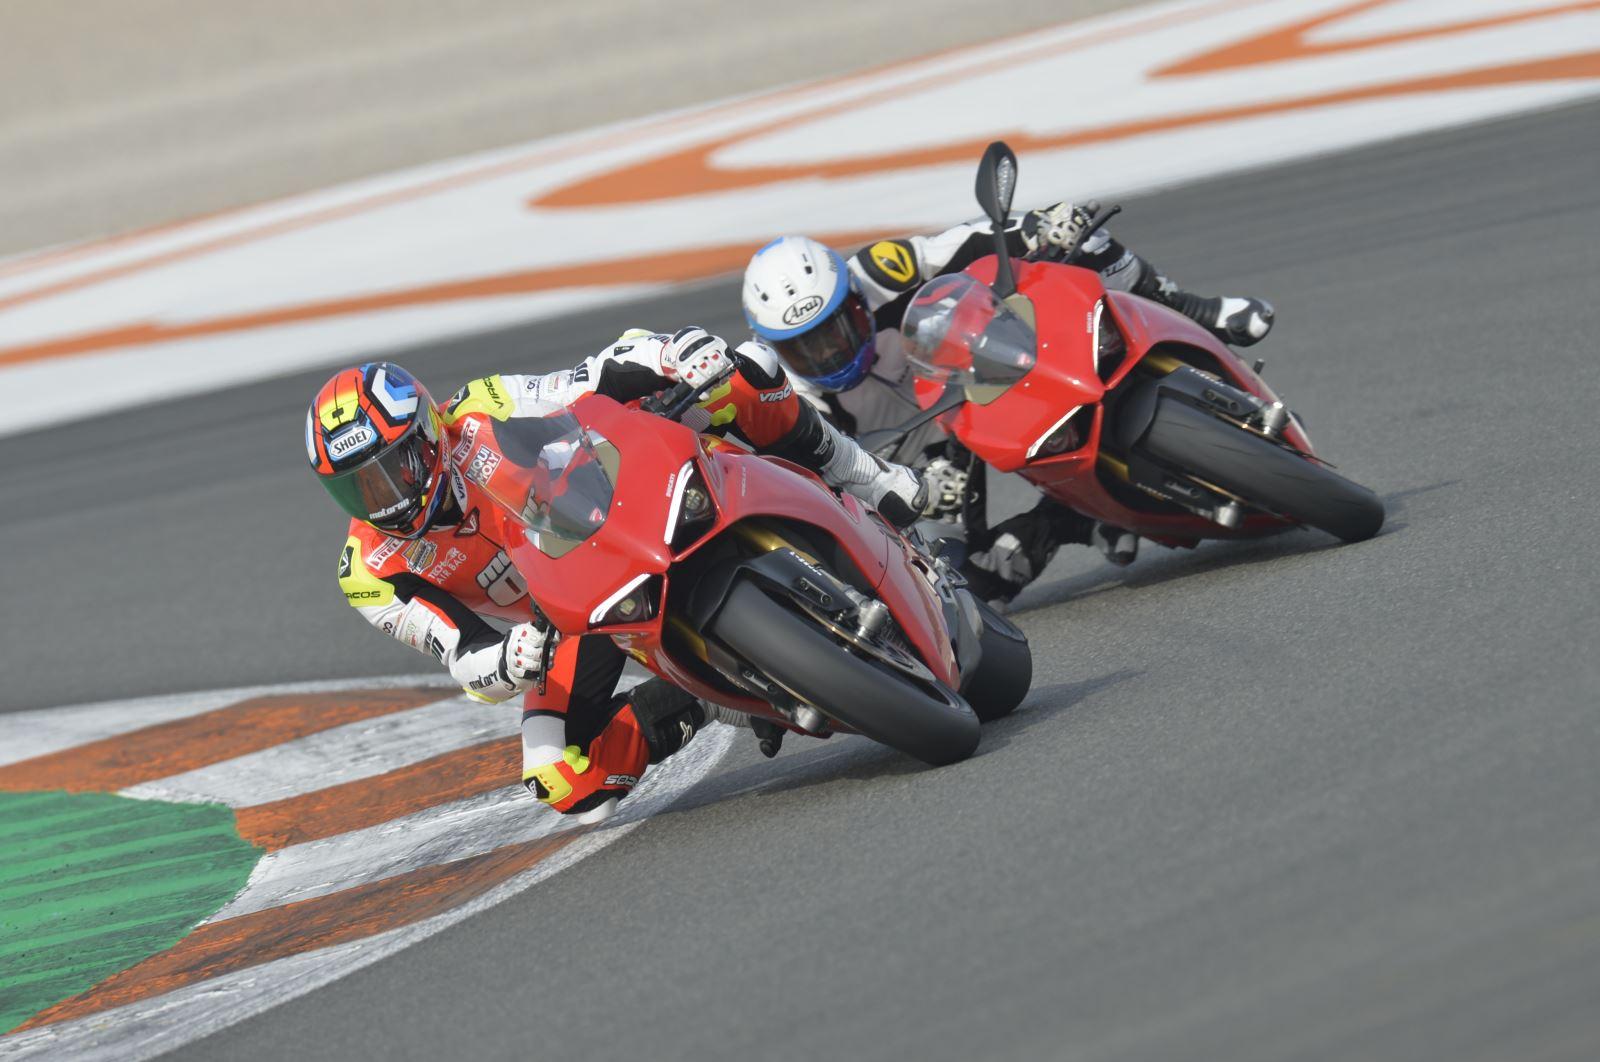 Ducati Panigale V4: Gerçekten Efsanesi Kadar İyi Mi? 2. İçerik Fotoğrafı